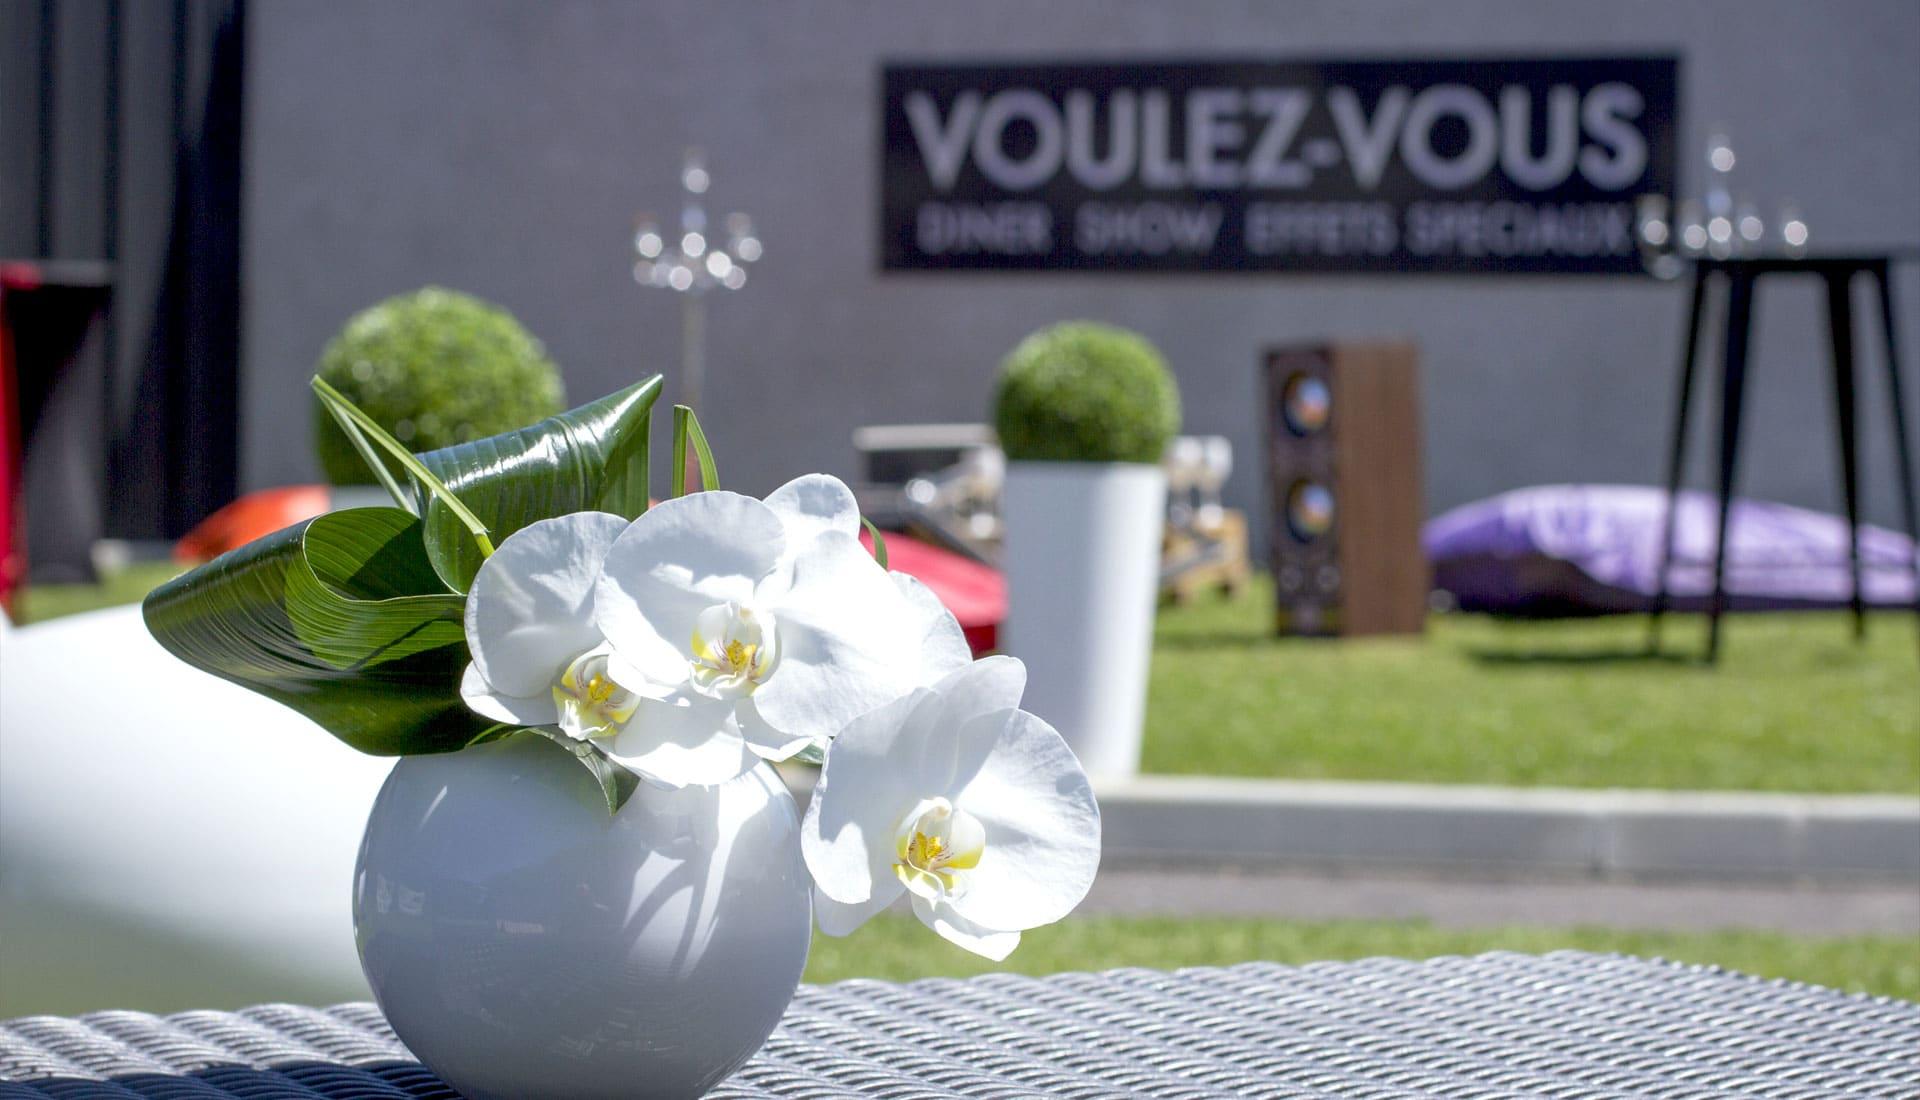 Extérieurs, fleurs, réception, Voulez-Vous